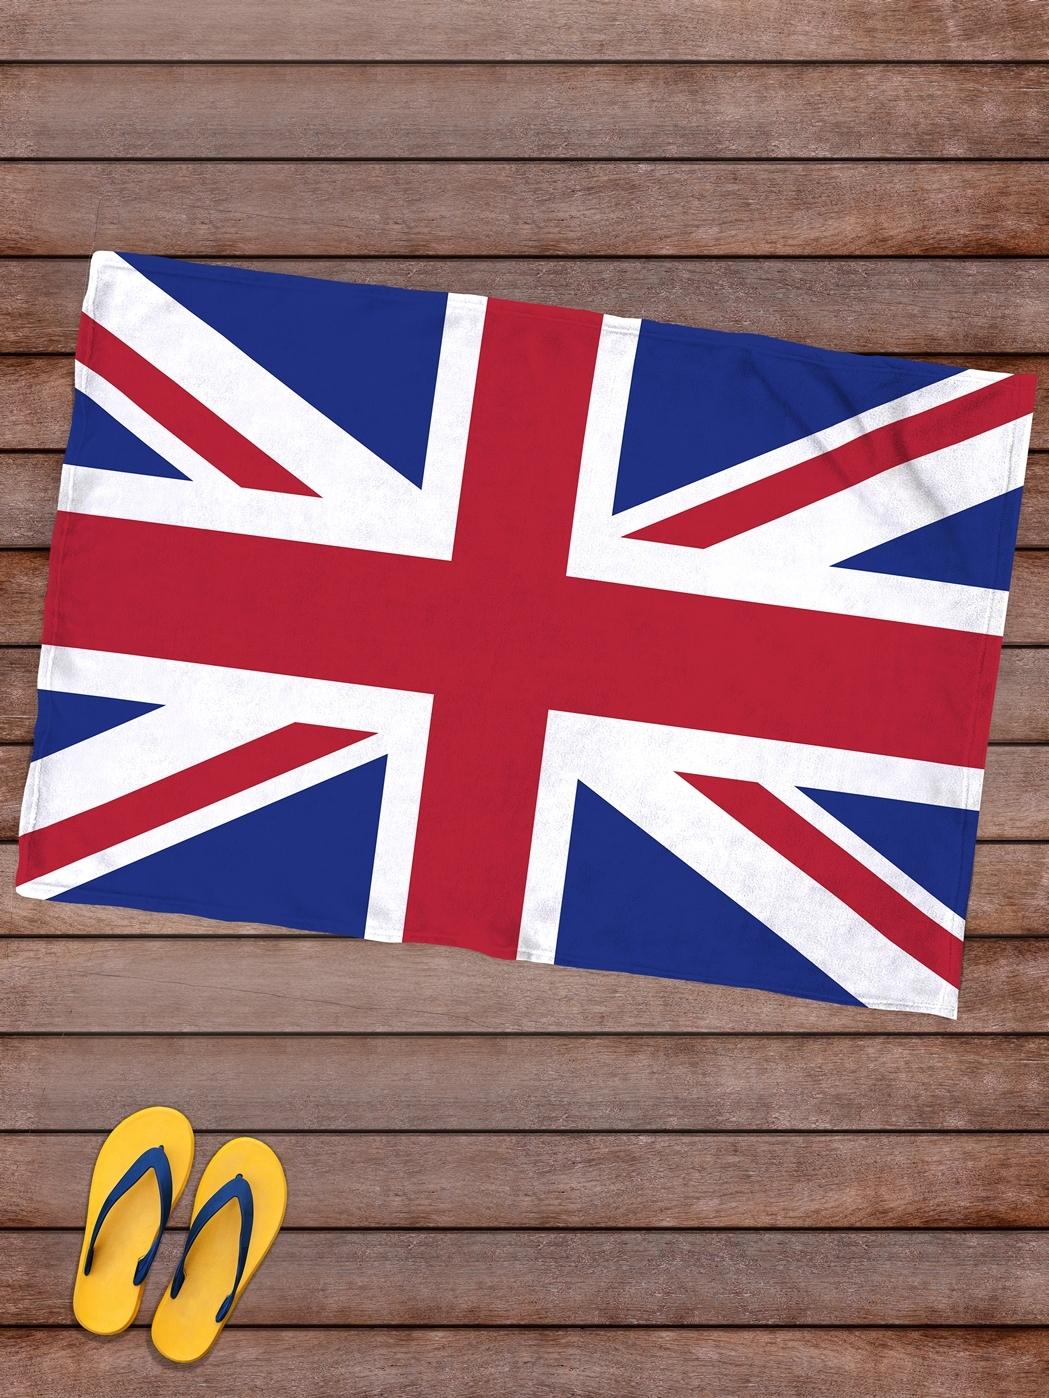 Плед покрывало пляжное для пикника флис 145х100 Флаг Великобритании- обзор, преимущества, отзывы. Заказать товар за 1426 руб. Бренд sfer.tex